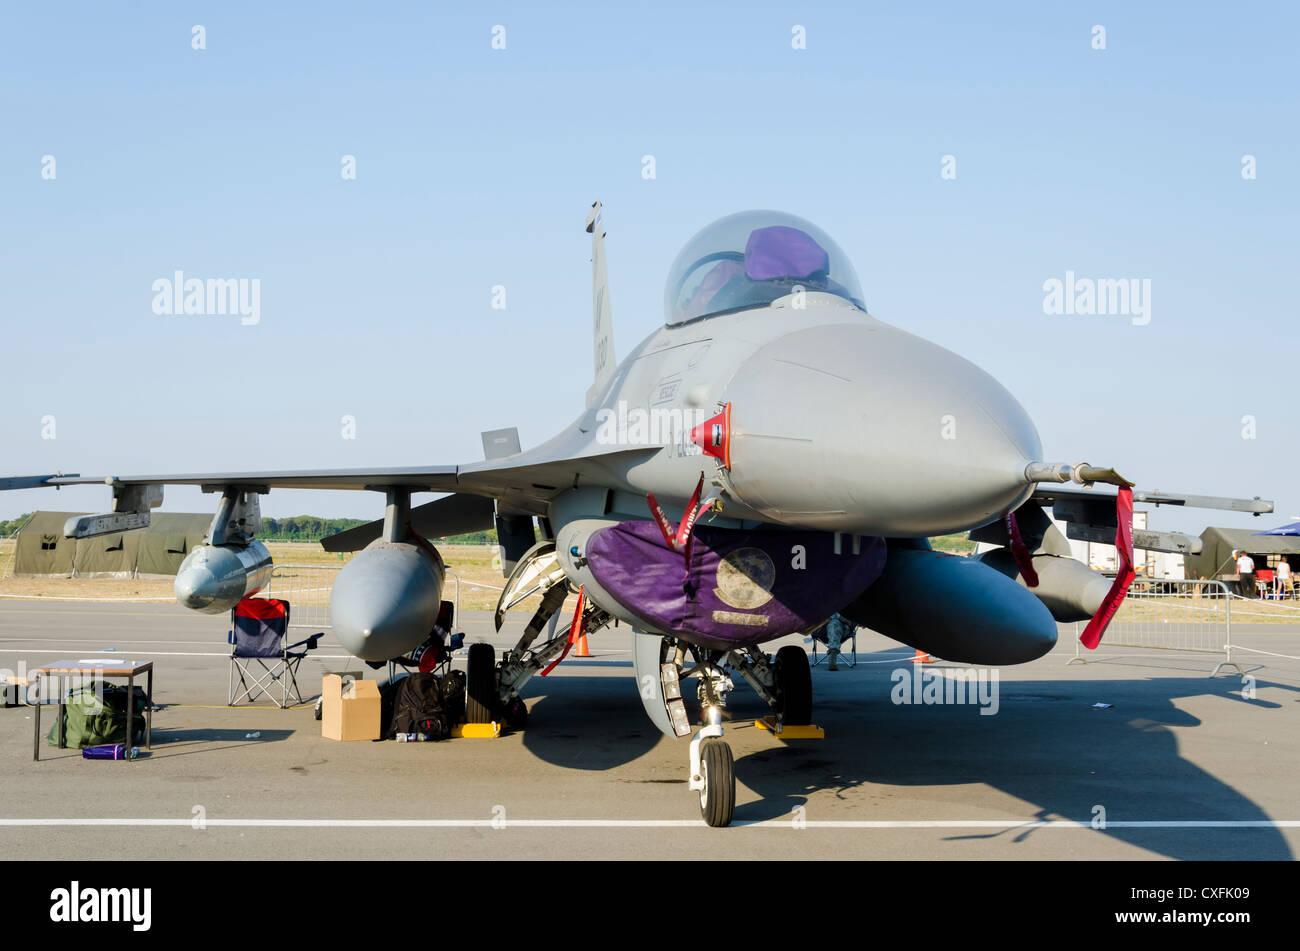 Aerei F-16 Fighting Falcon sulla Batajnica Airshow 2012 in Serbia, a Belgrado il 2 settembre 2012. Foto Stock